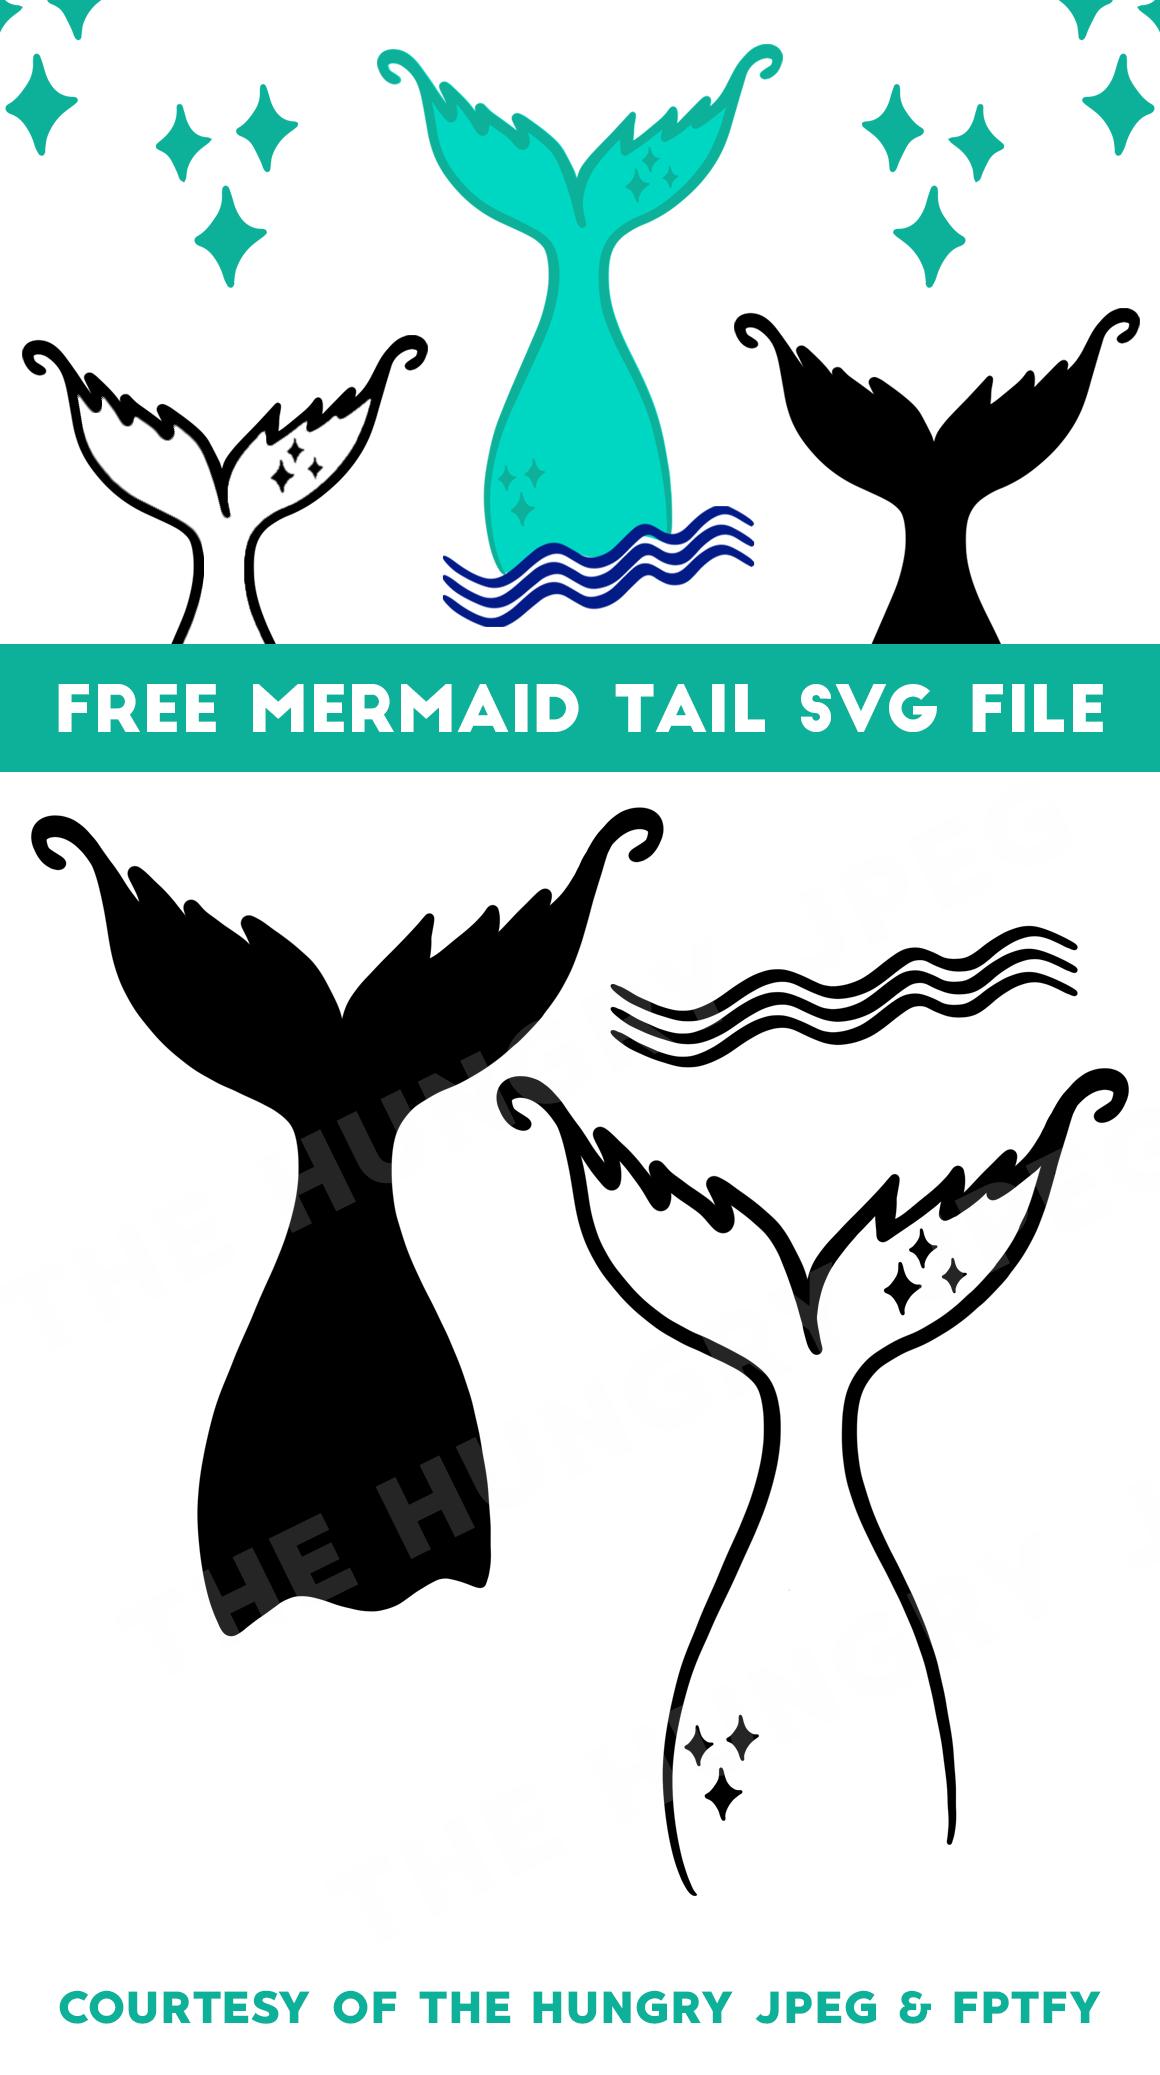 Mermaid tail svg, Mermaid frame | svg, png, eps, dxf, pdf